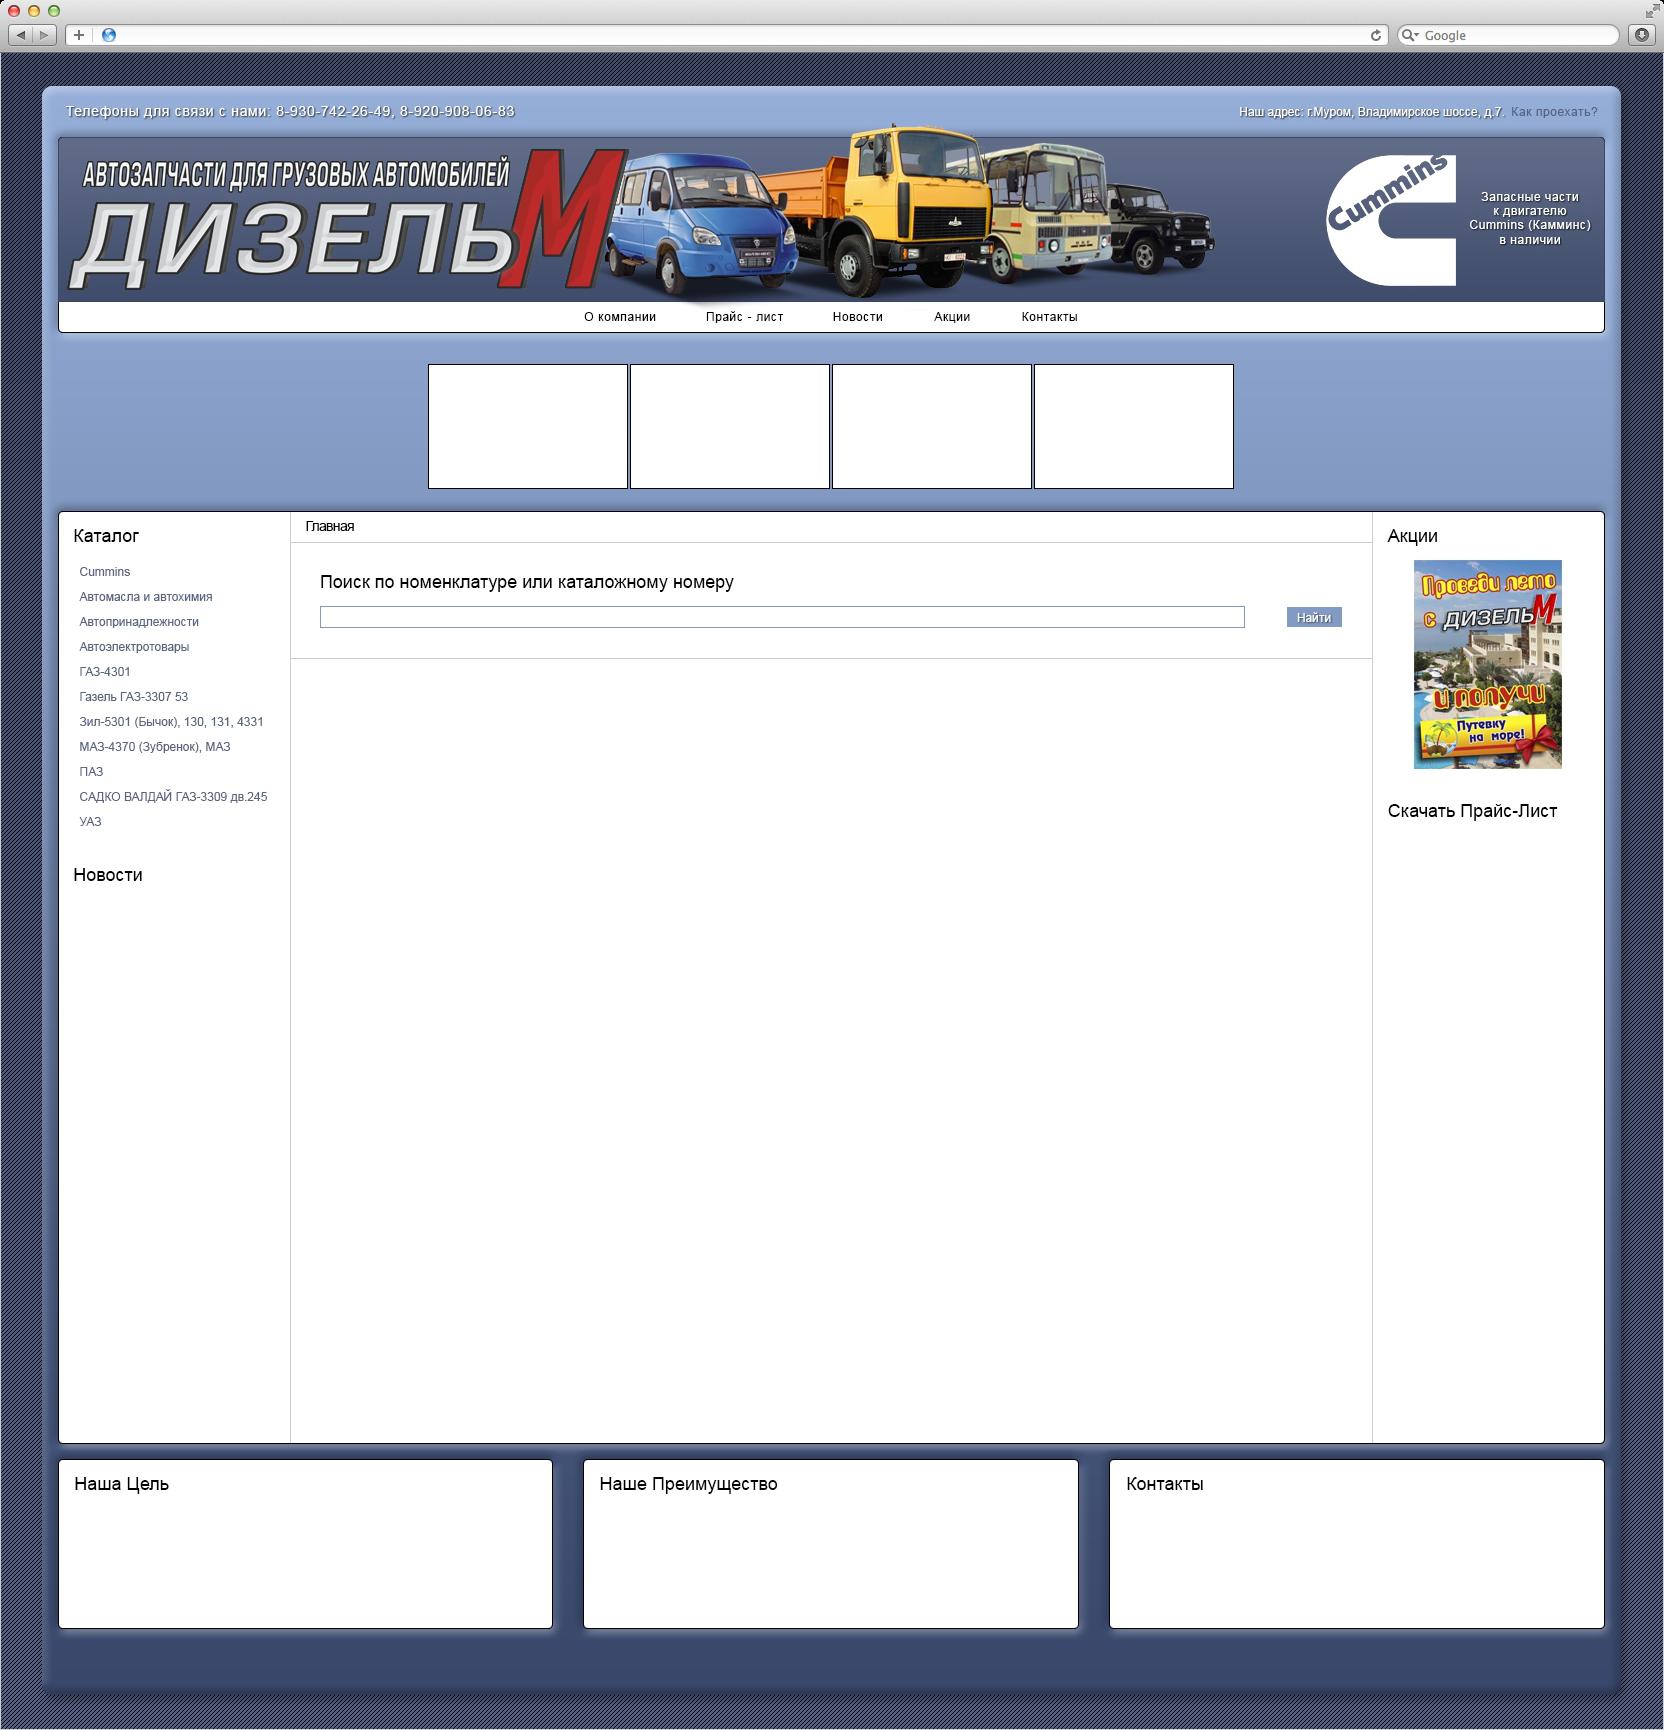 Сайт автозапчастей для грузовых автомобилей (2013 г.)